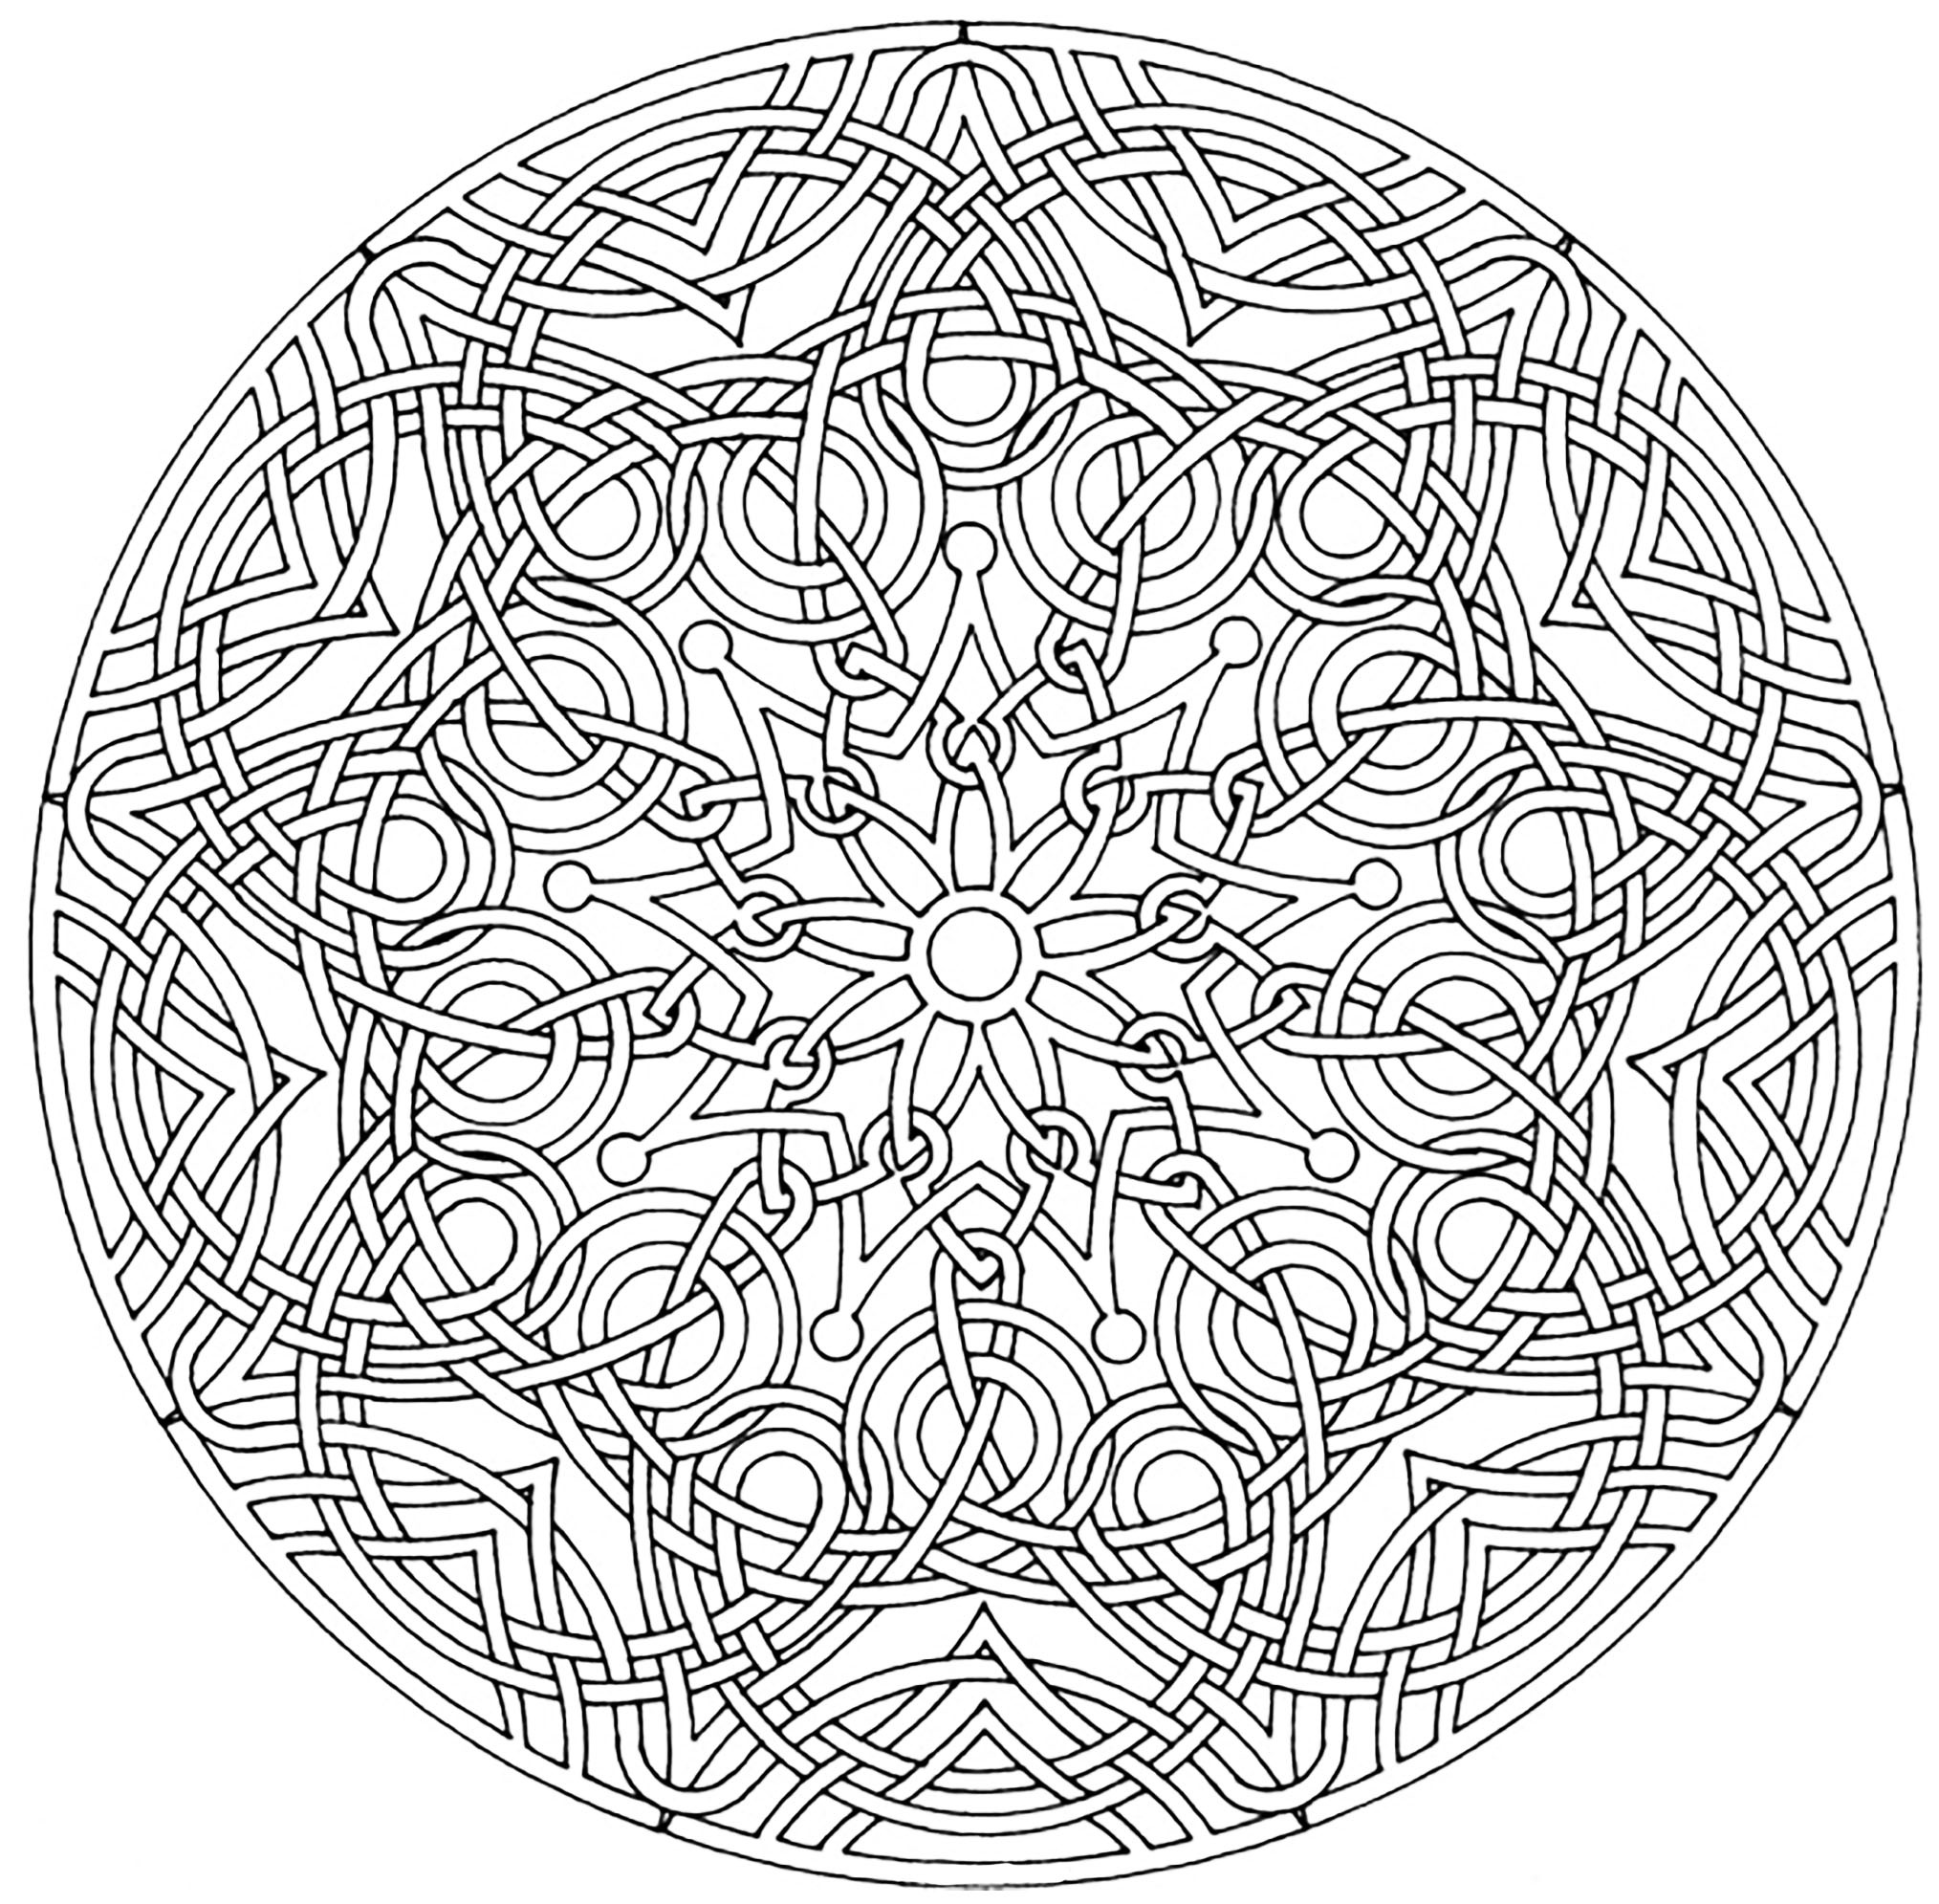 Mandala a colorier royal mandalas coloriages - Mandalas a colorier ...